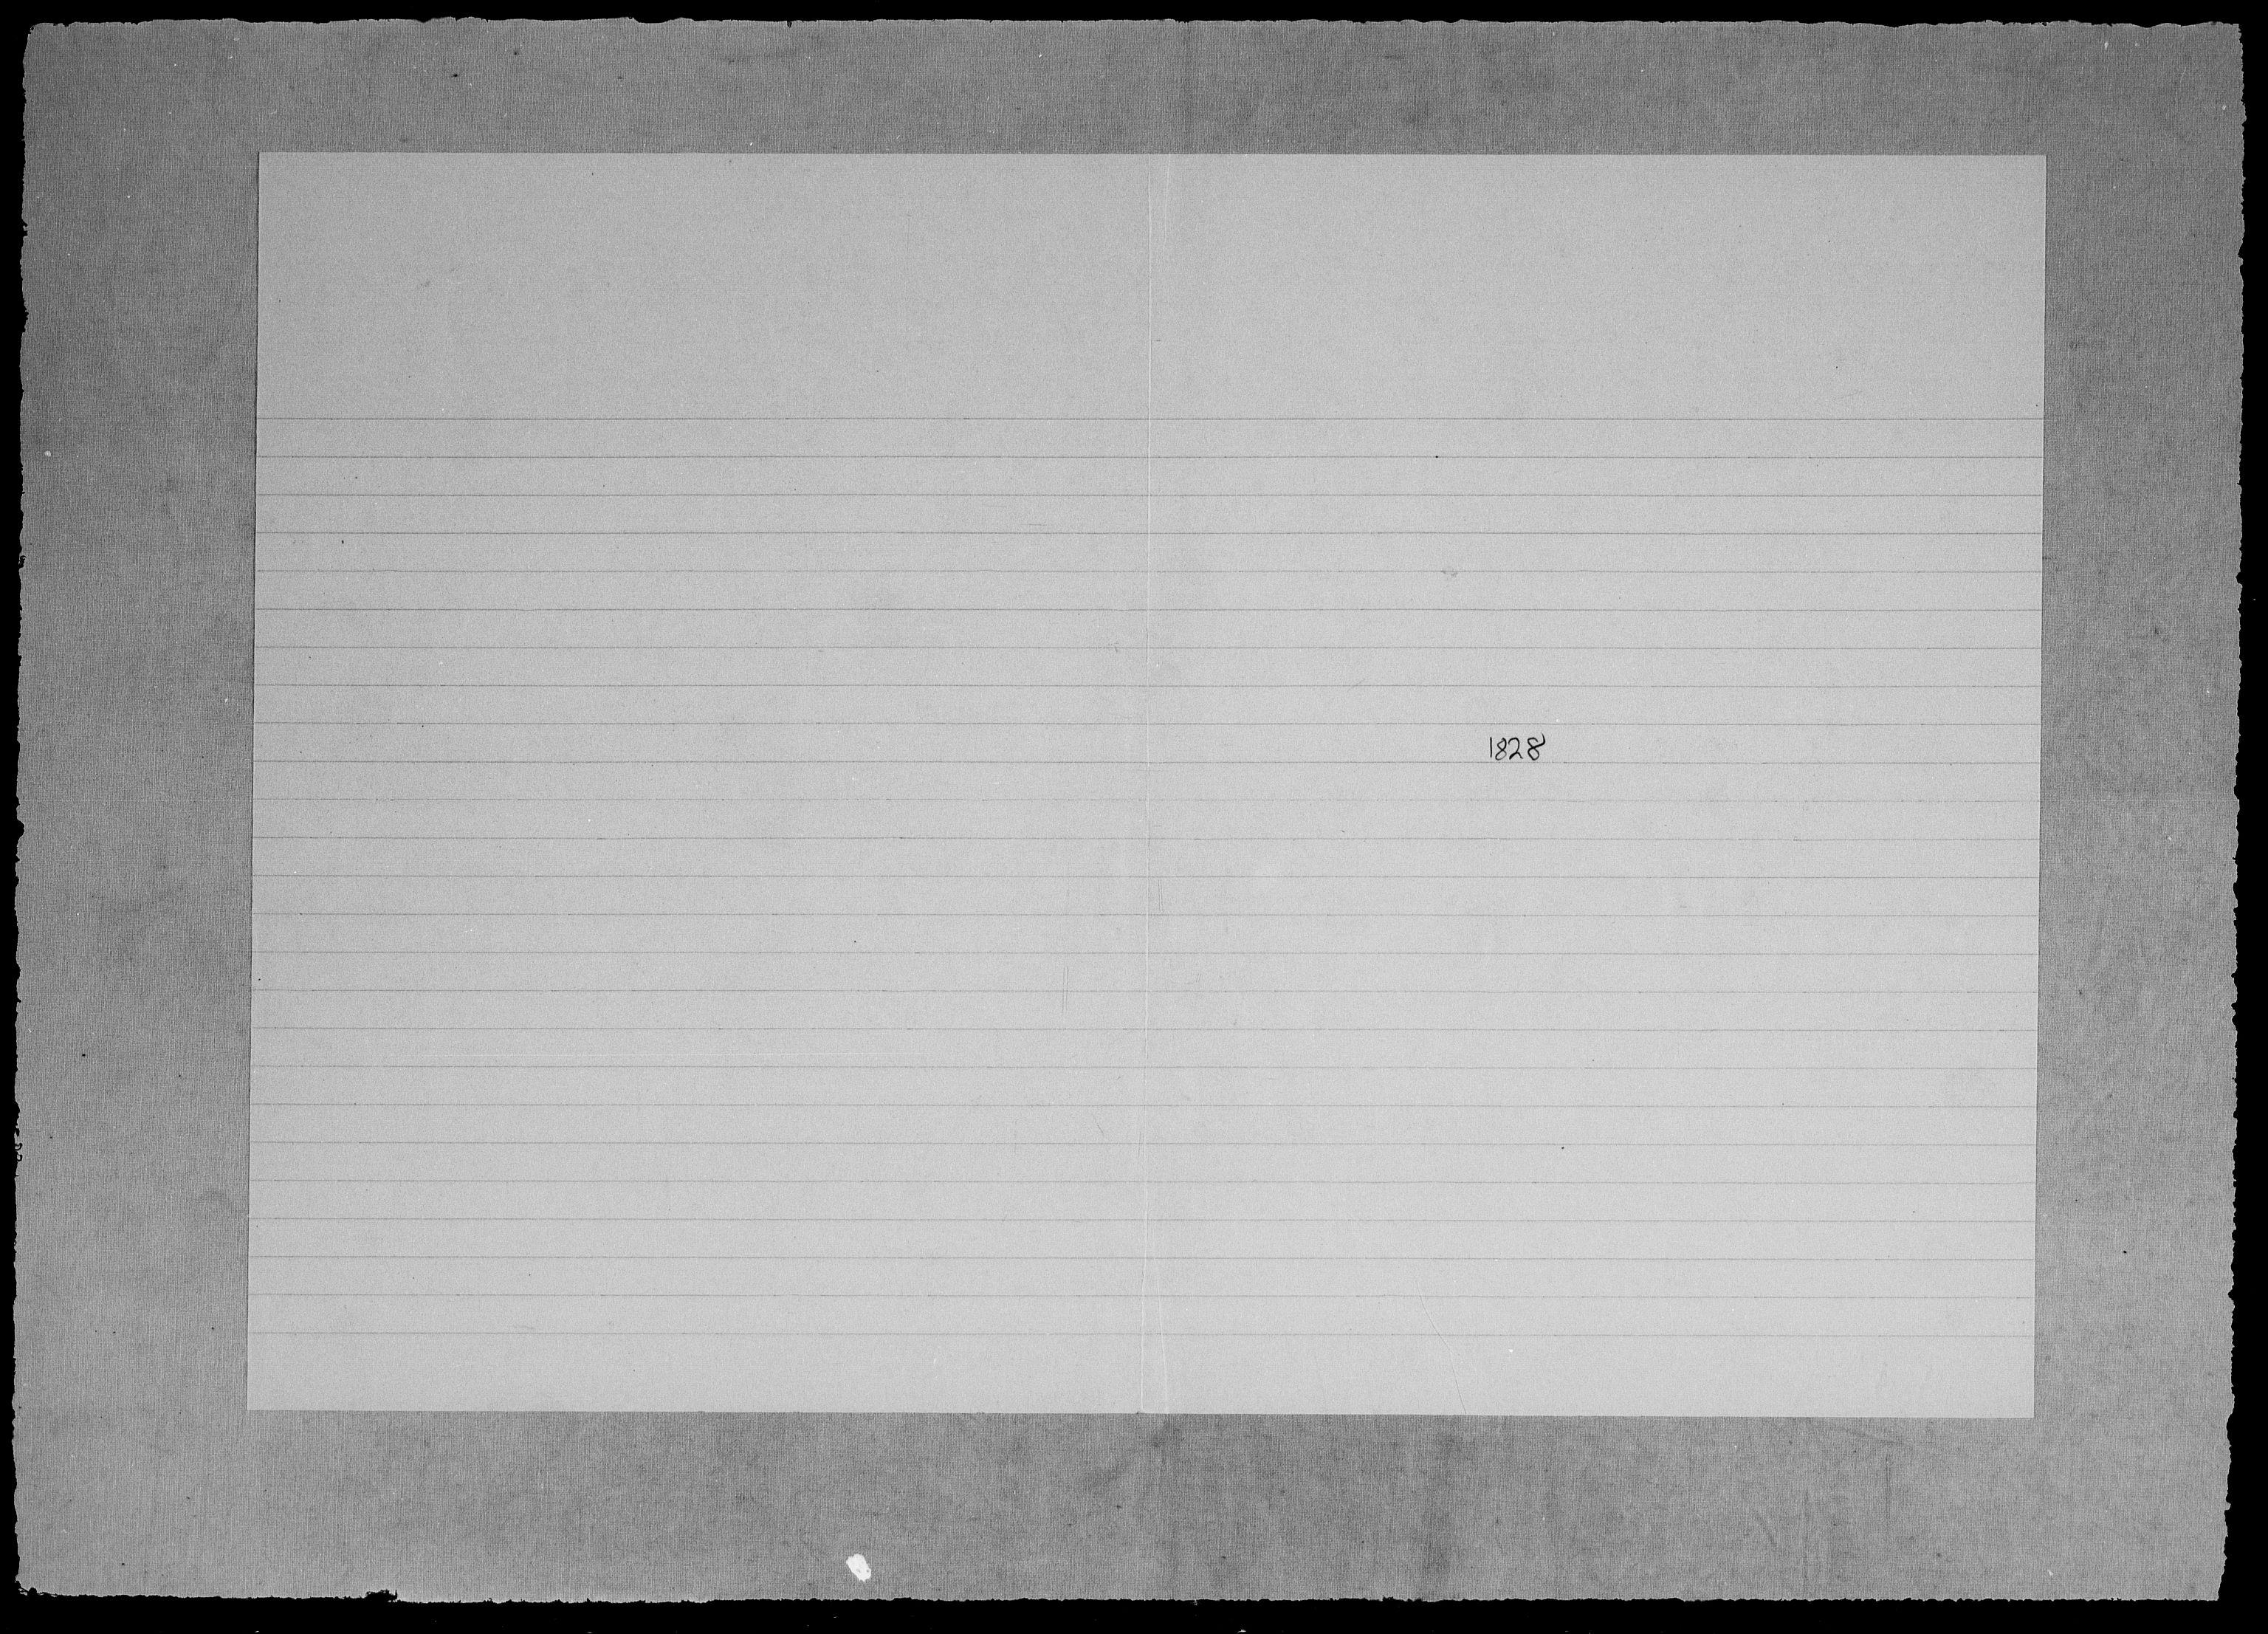 RA, Modums Blaafarveværk, G/Gb/L0100, 1827-1828, s. 2